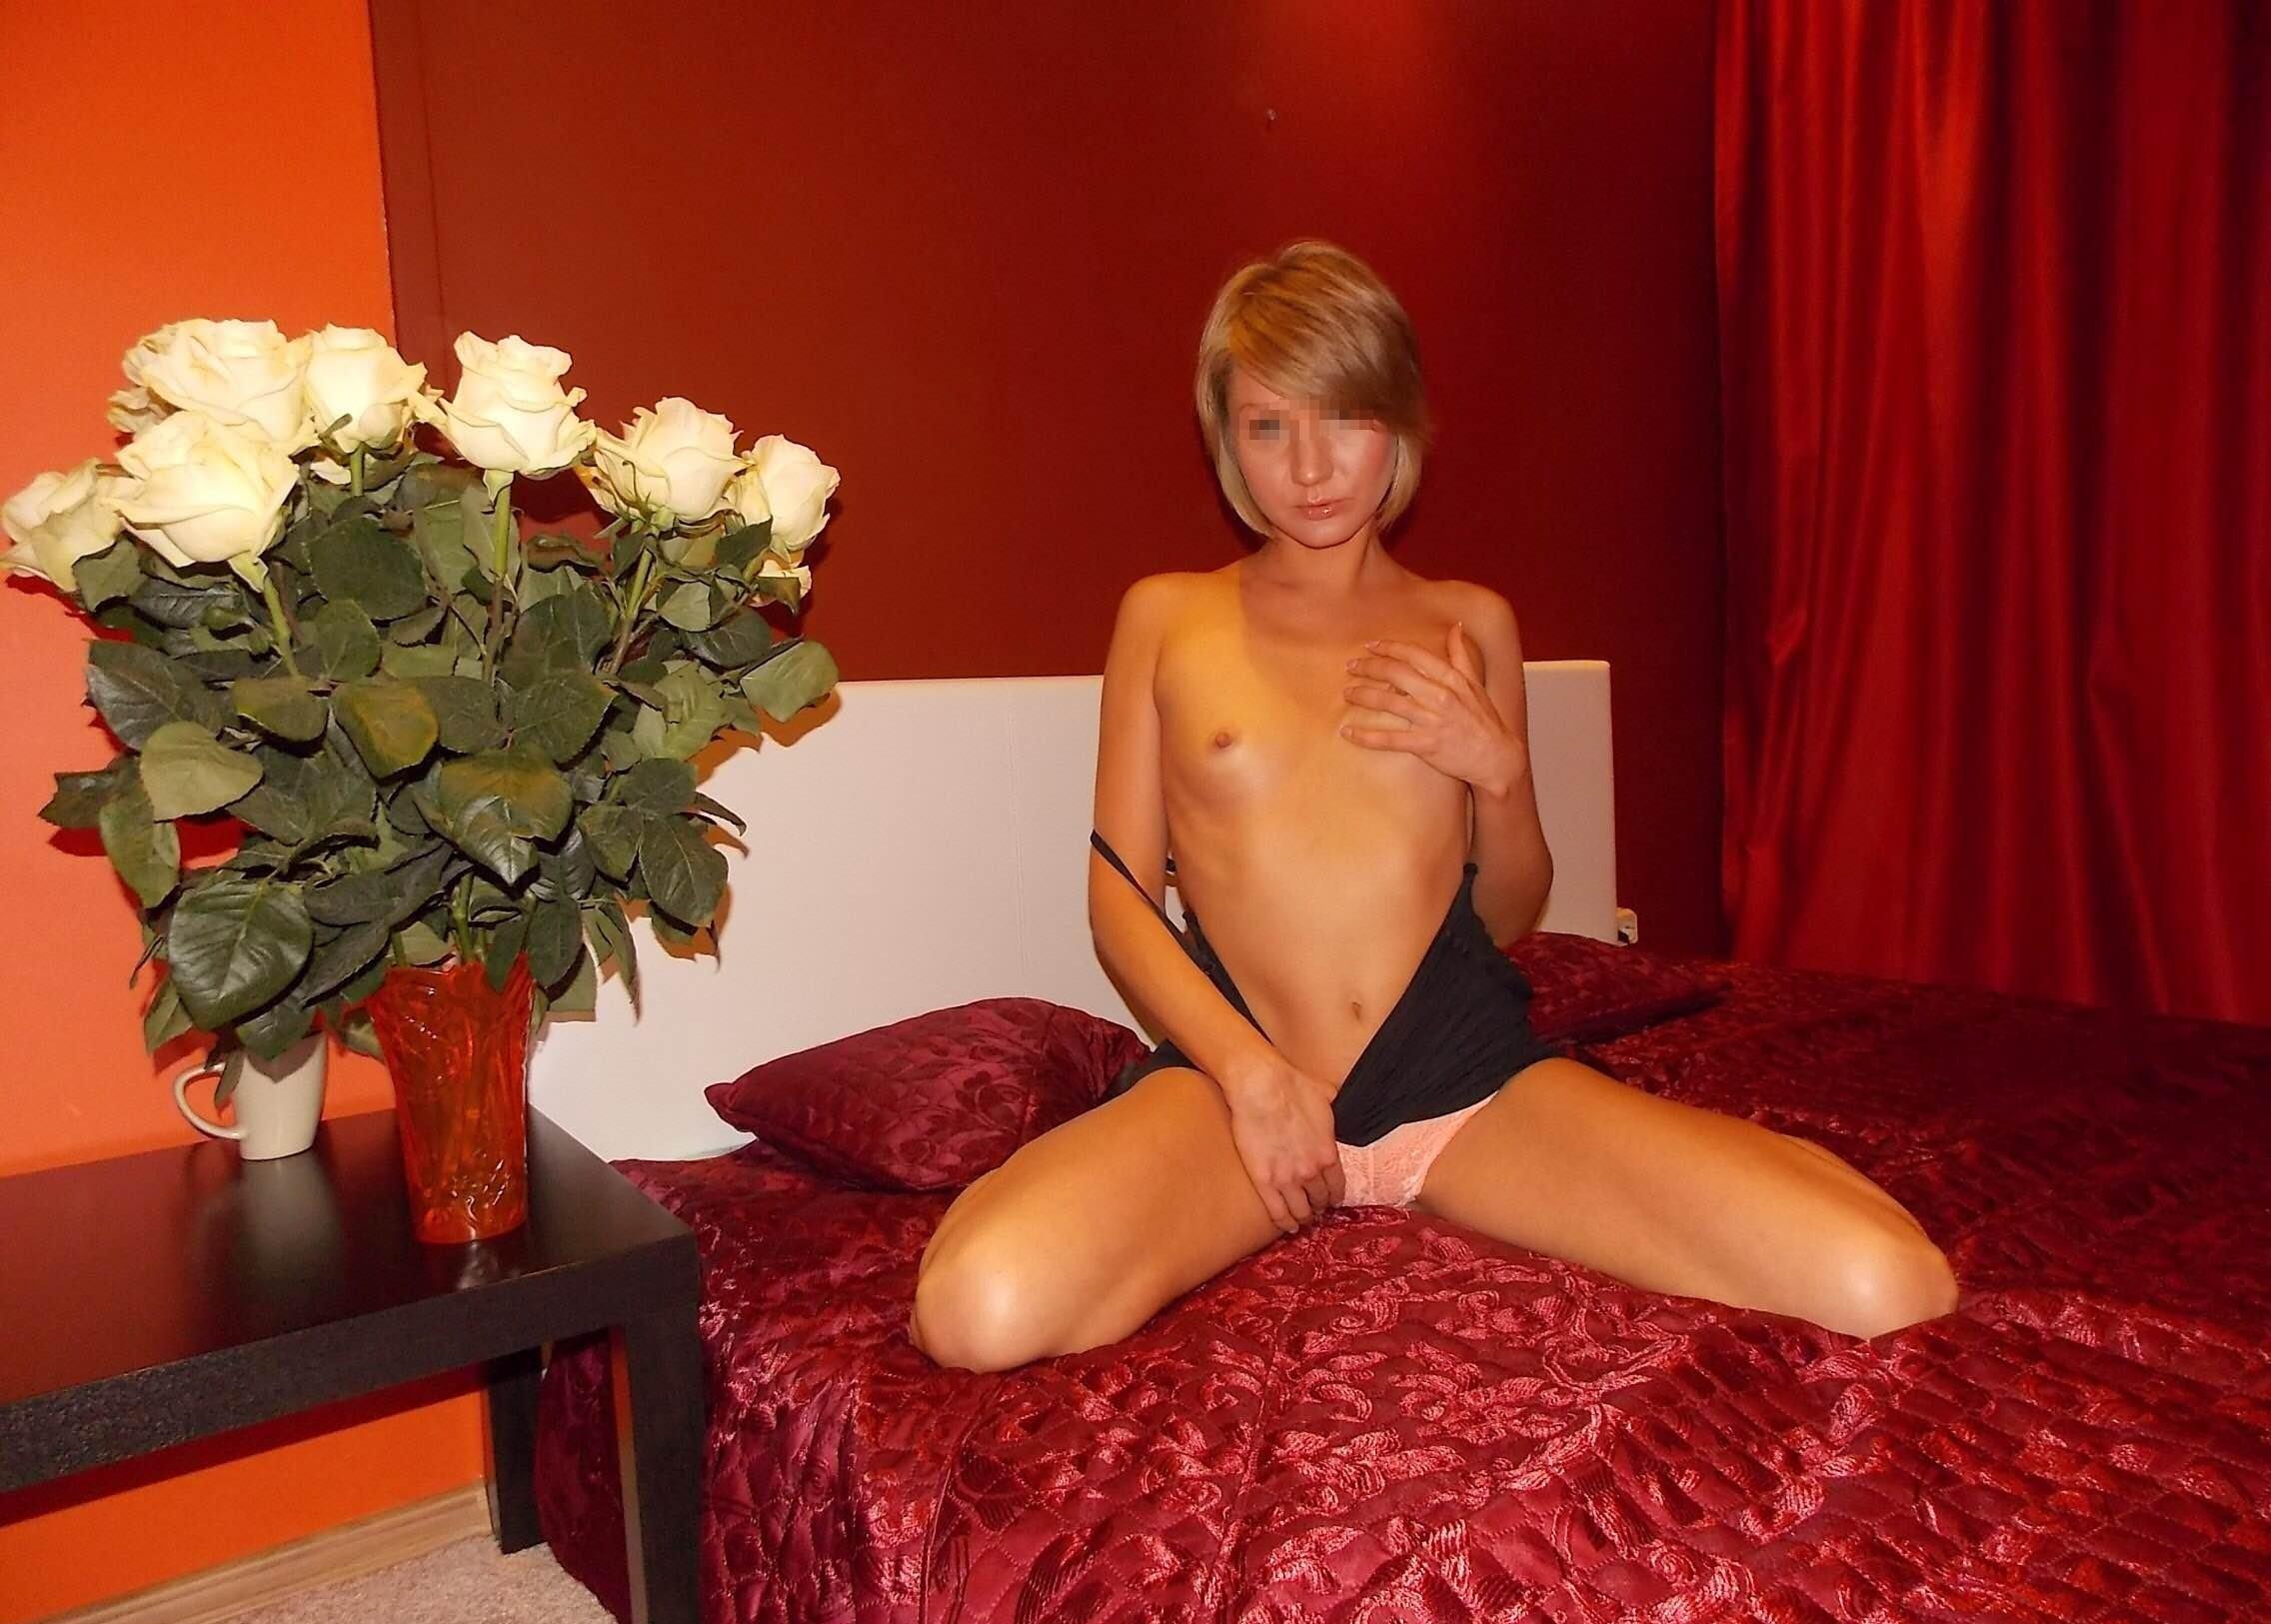 Проститутки в москве недорого, Дешевые проститутки Москвы 9 фотография